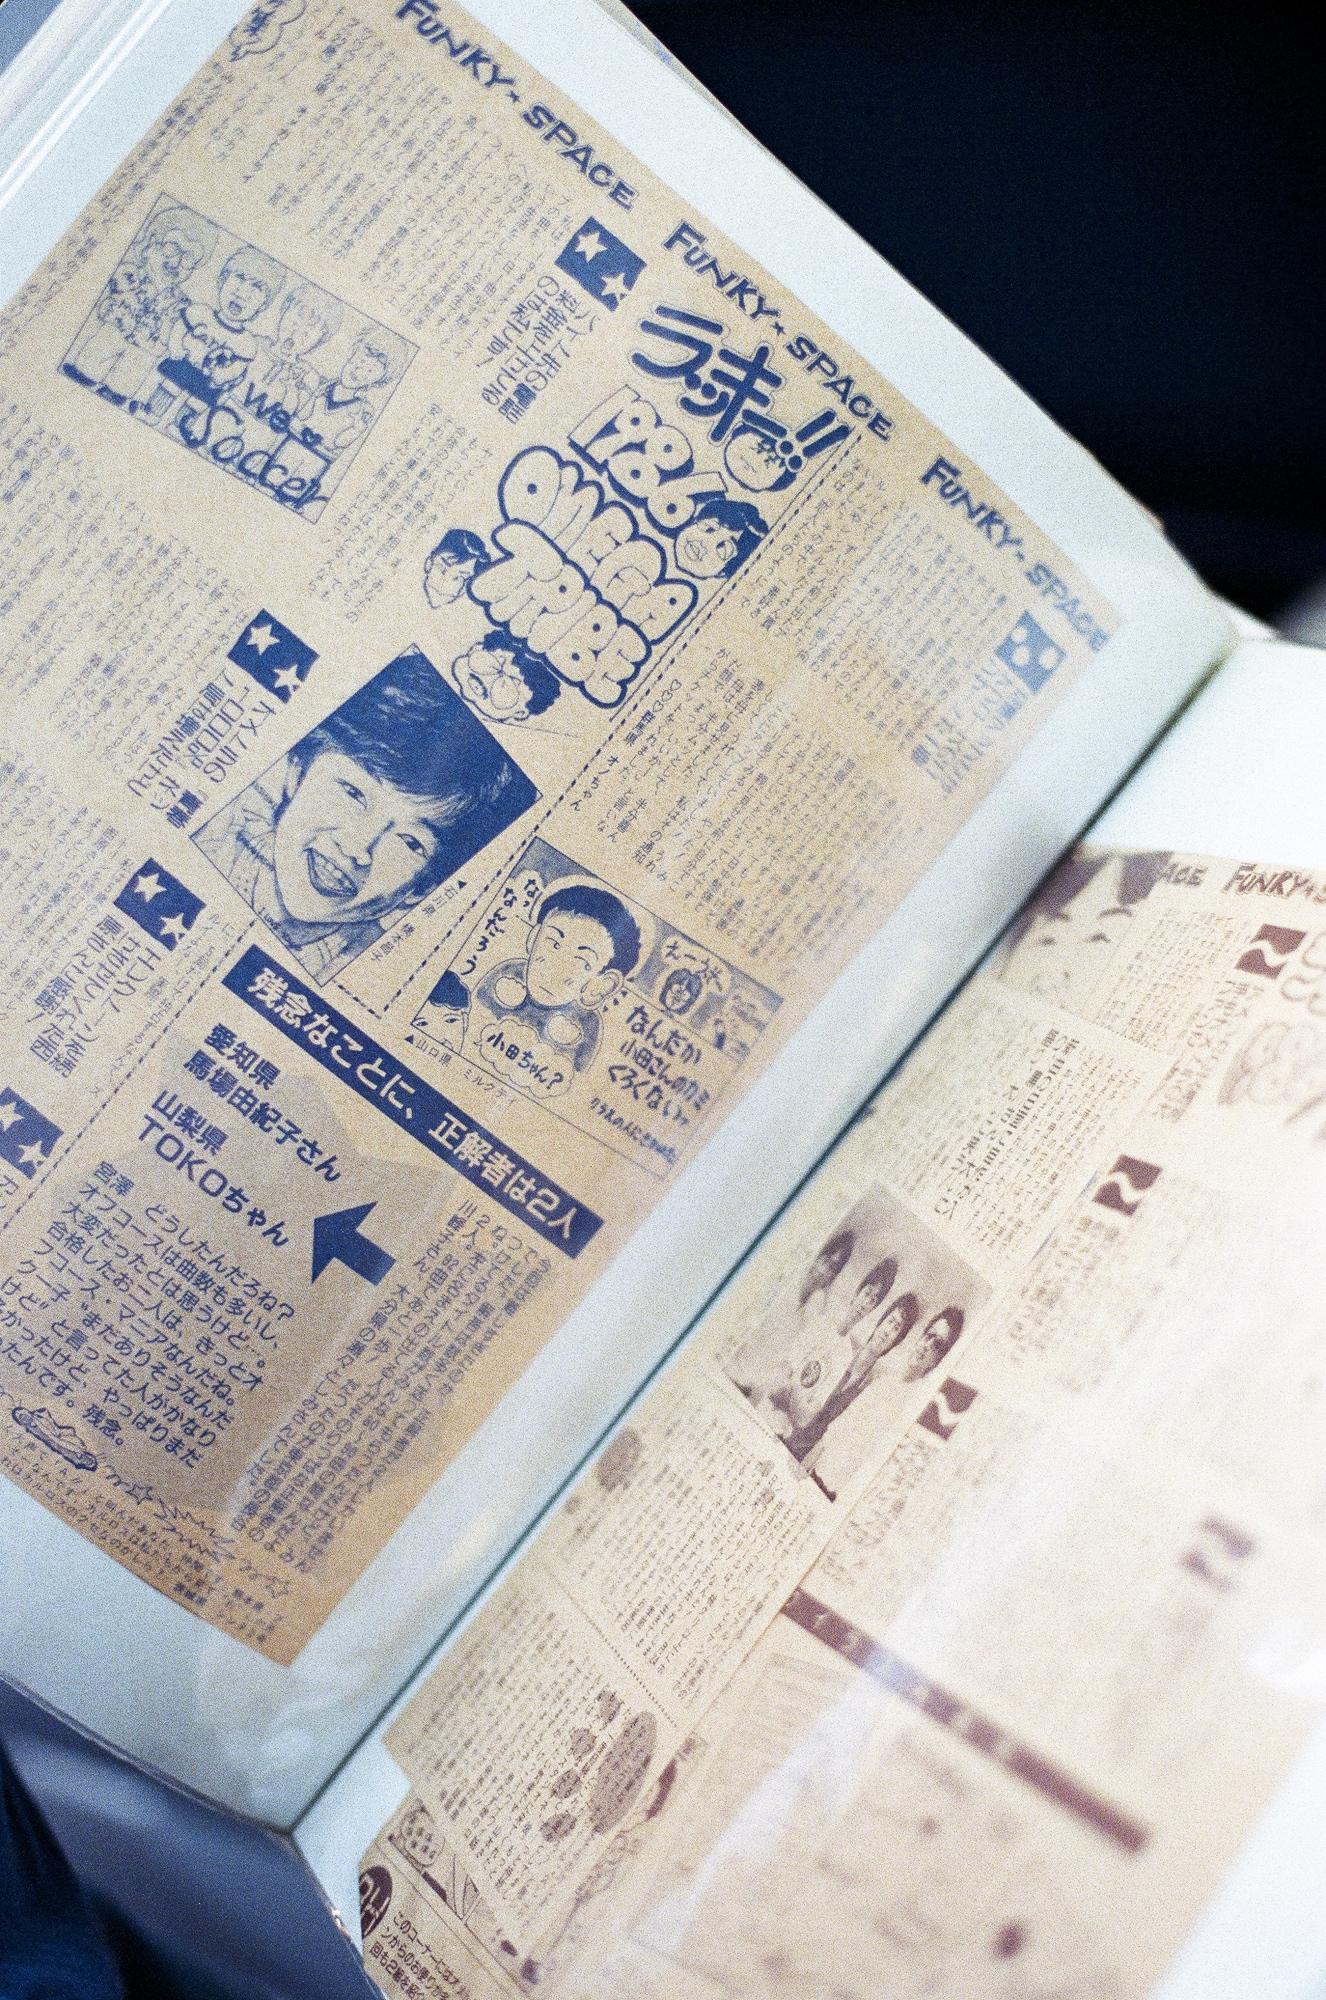 O arquivo pessoal de Toshiki com matérias da época de sucesso. Foto: Anna Mascarenhas/Risca Faca